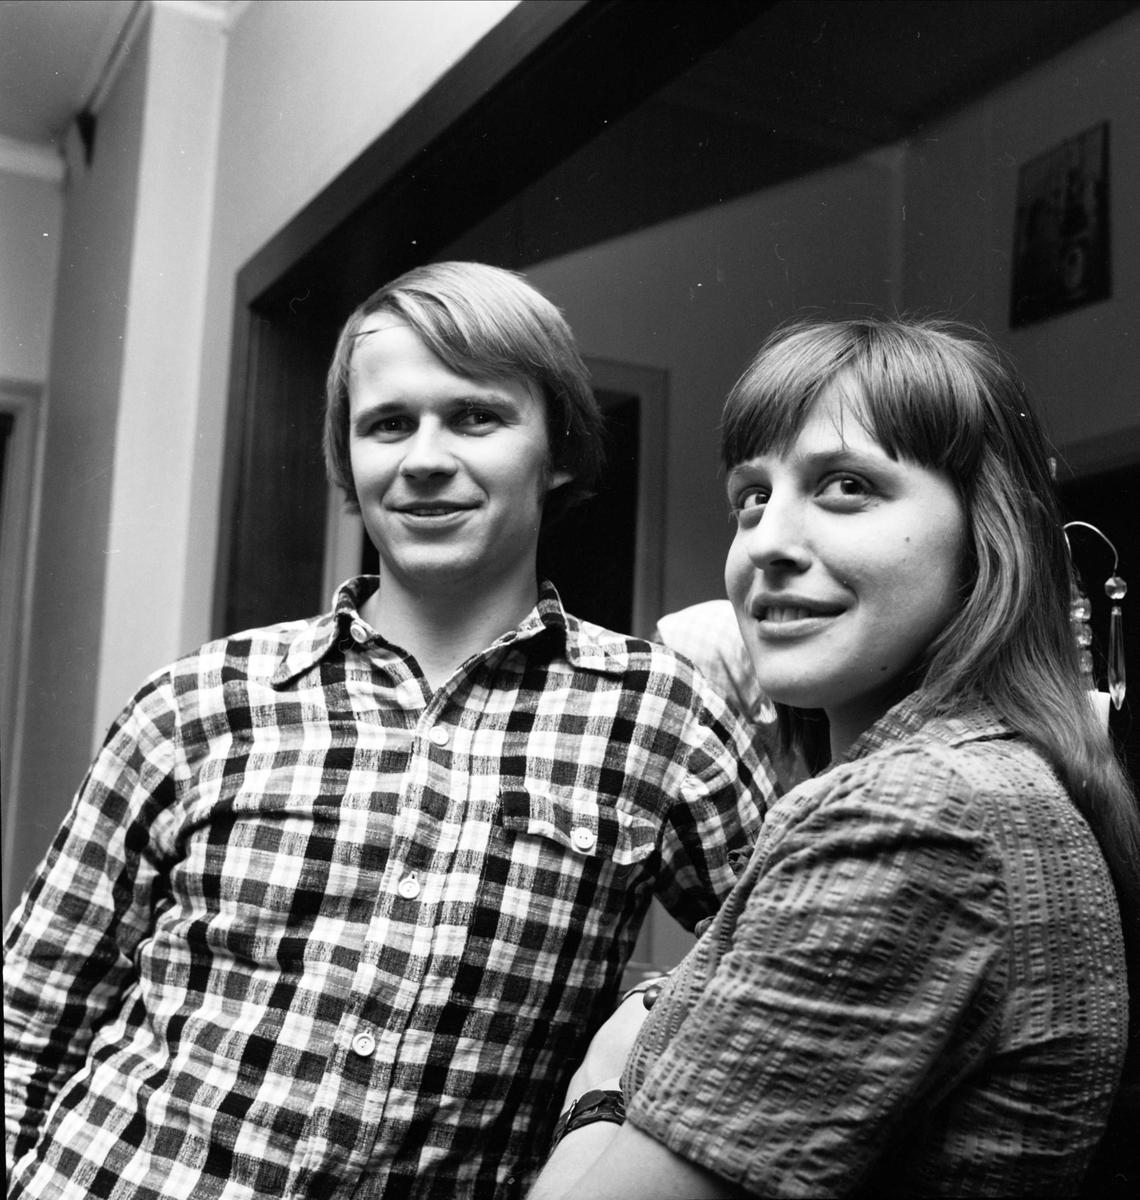 Ungdomar på Söderlunds Rör AB:s julfest, Tierp, Uppland 1972